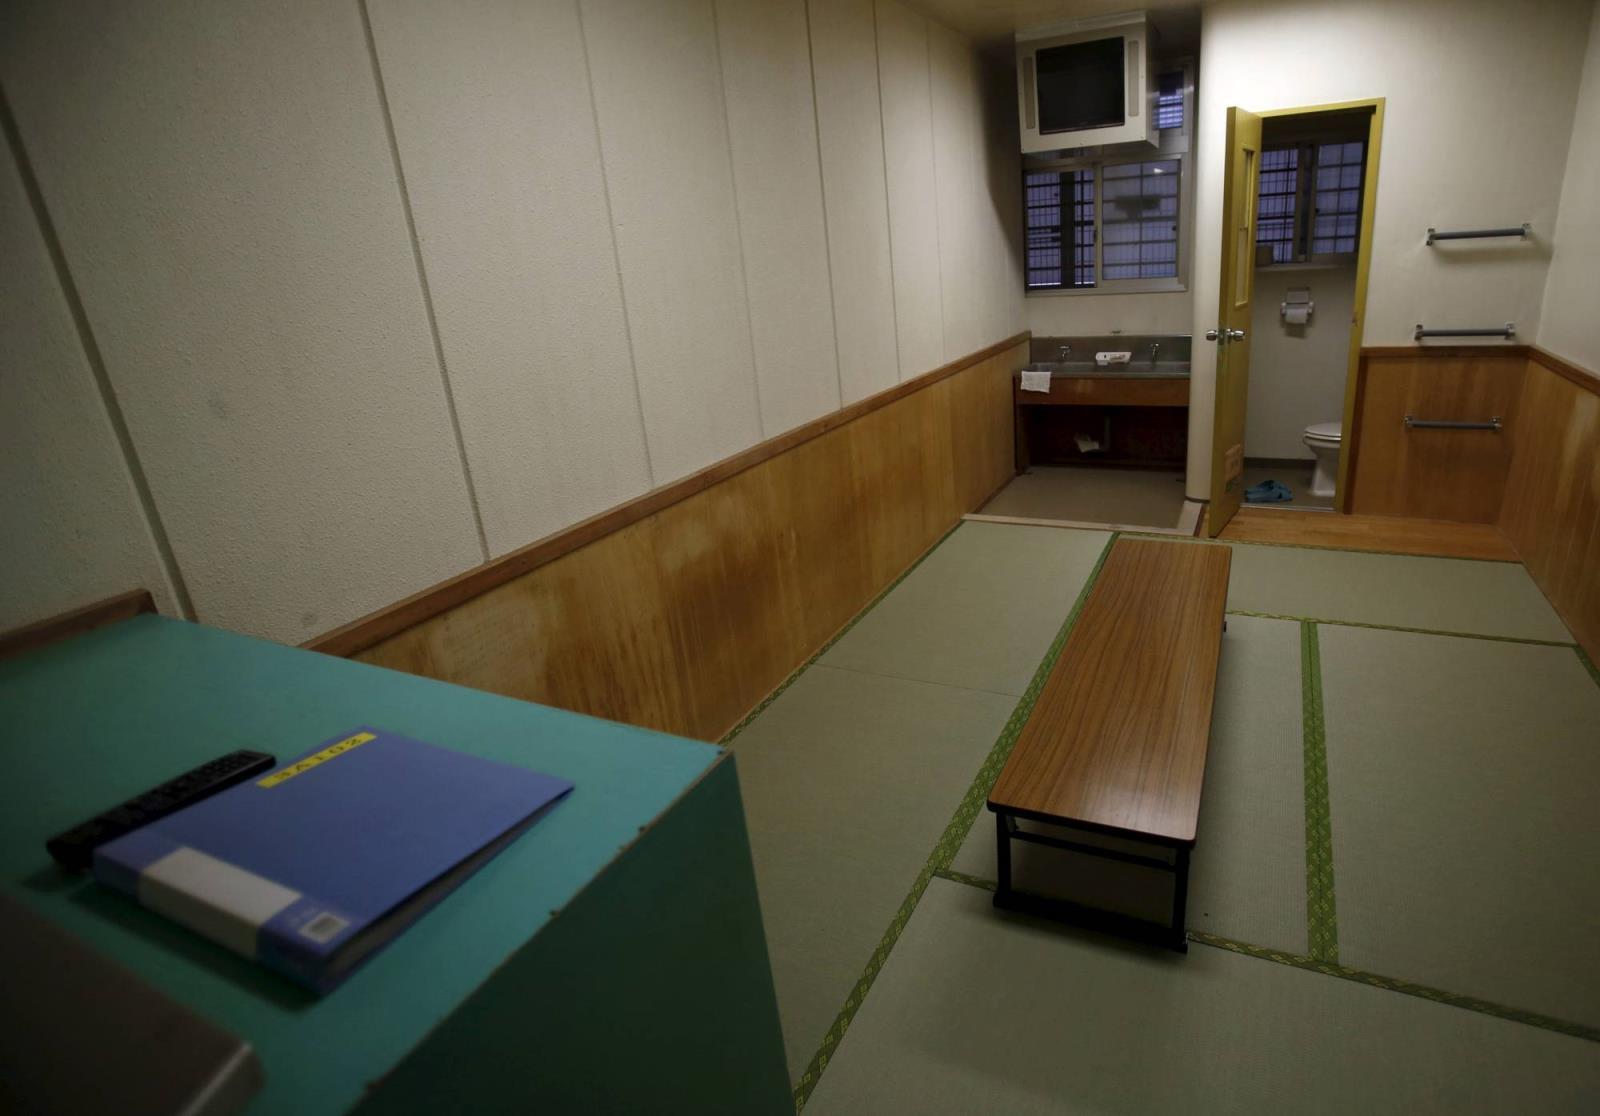 国际特赦组织呼吁日本限制对外国人的拘留